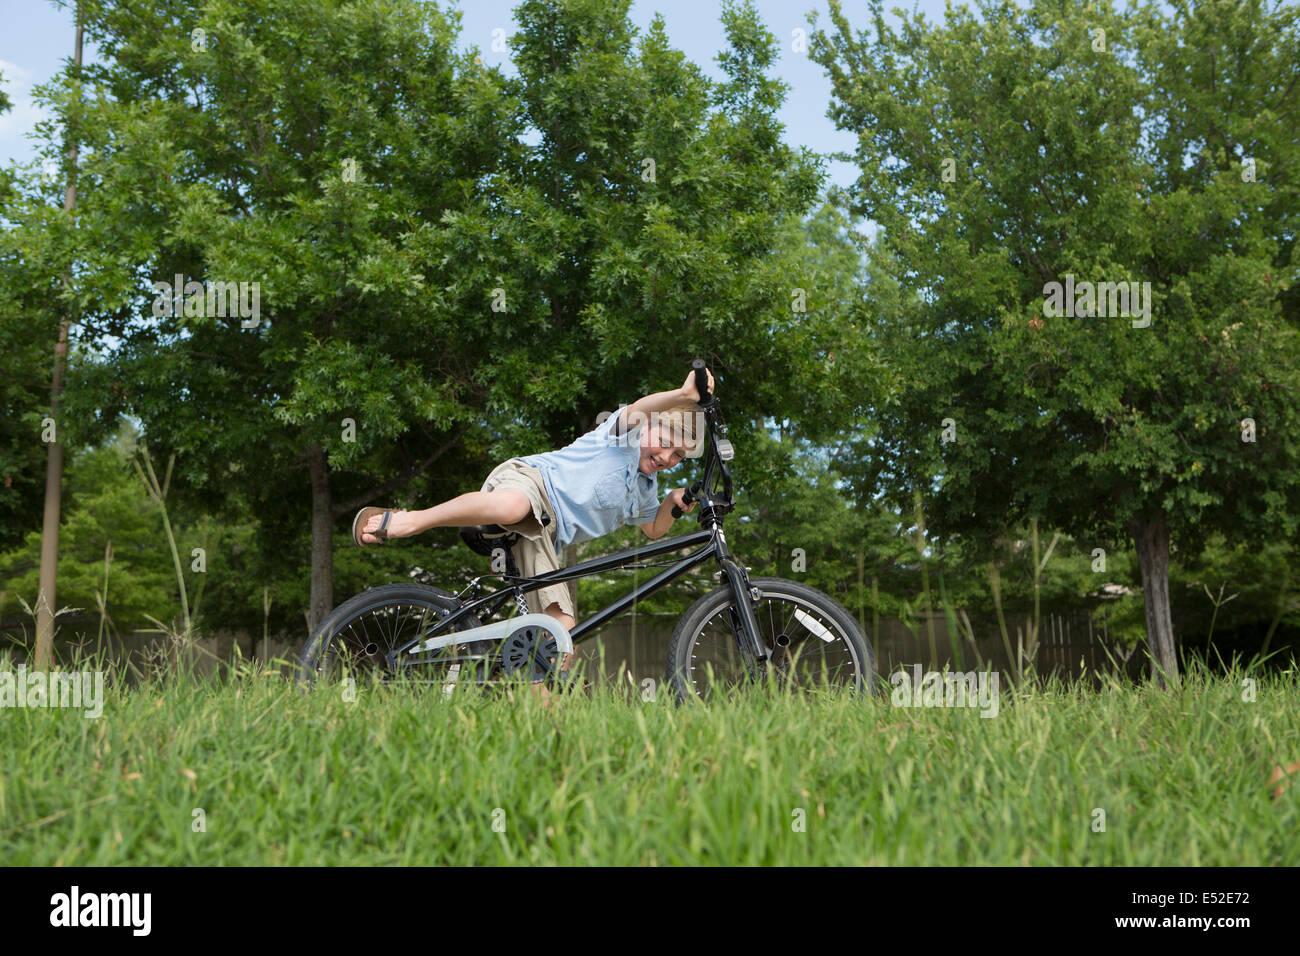 Ein kleiner Junge Sturz von seinem Fahrrad in einer Wiese overbalancing. Stockbild